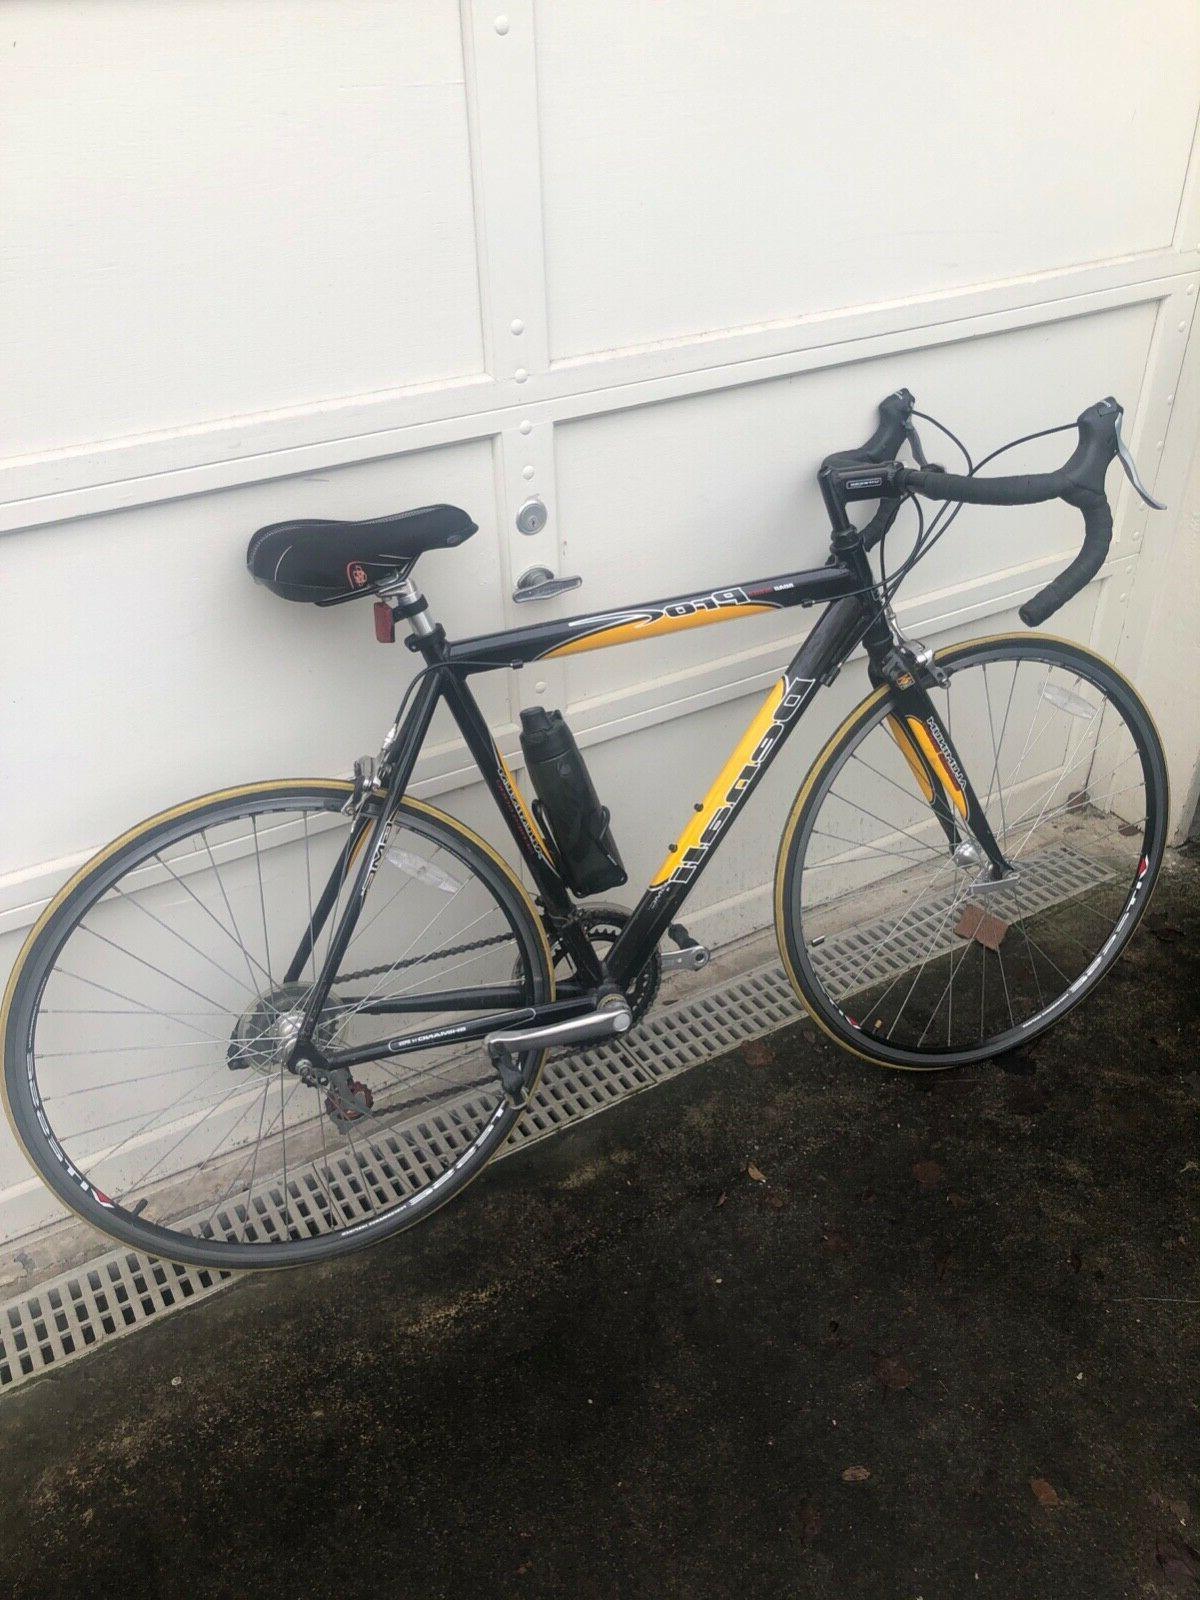 GMC Denali Bike Black/Yellow